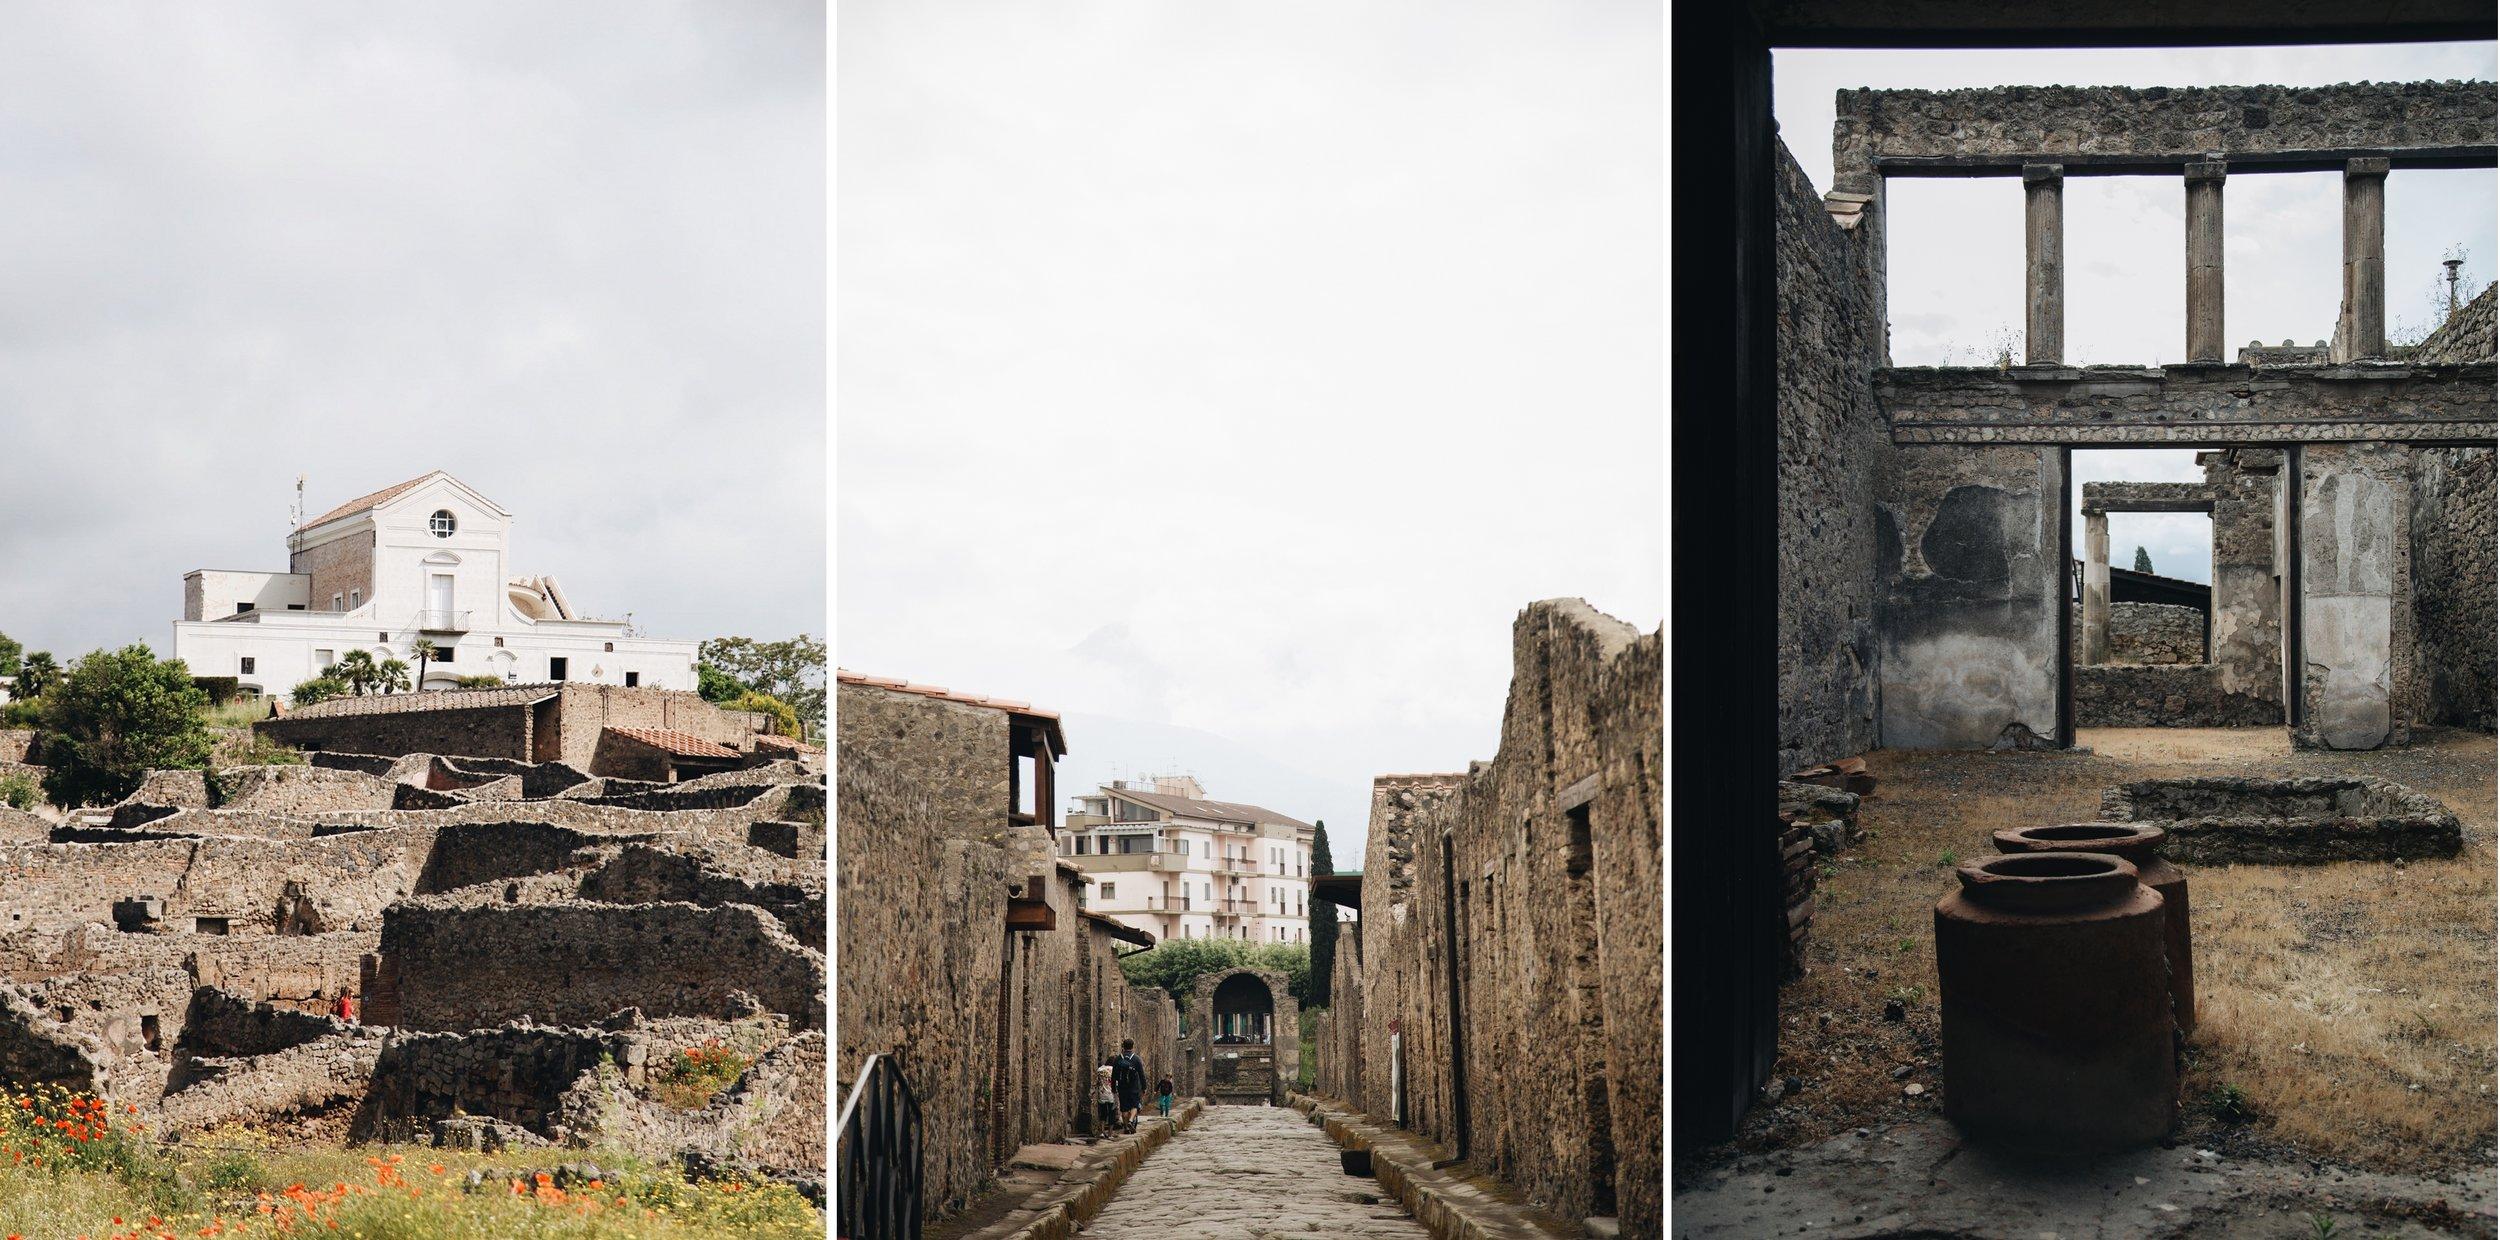 pompei-site-archeologique-ruines-italie-naples-que-faire.jpg